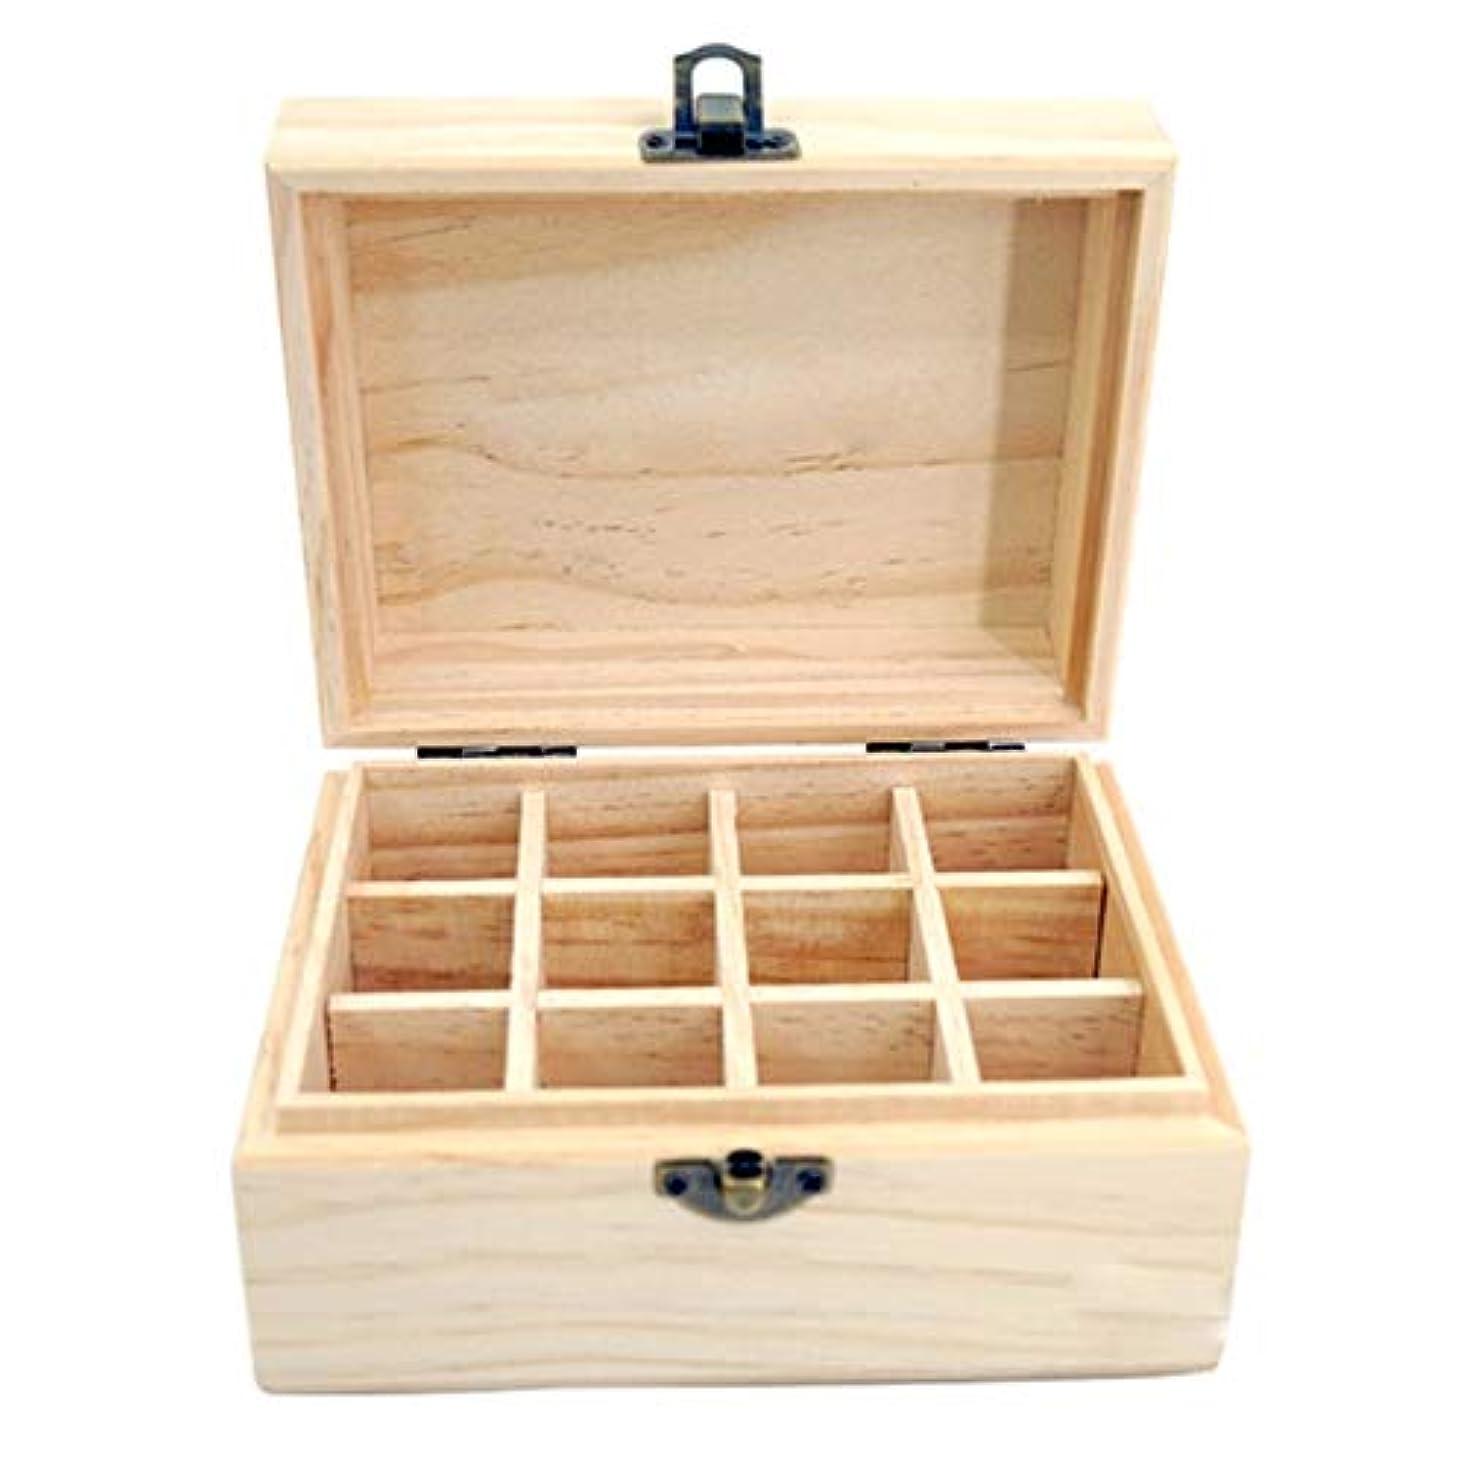 カスケード締め切り下品12スロットエッセンシャルオイル木箱の収納ケースは、あなたの油安全保護さを保つ保護します アロマセラピー製品 (色 : Natural, サイズ : 15X11.5X8CM)